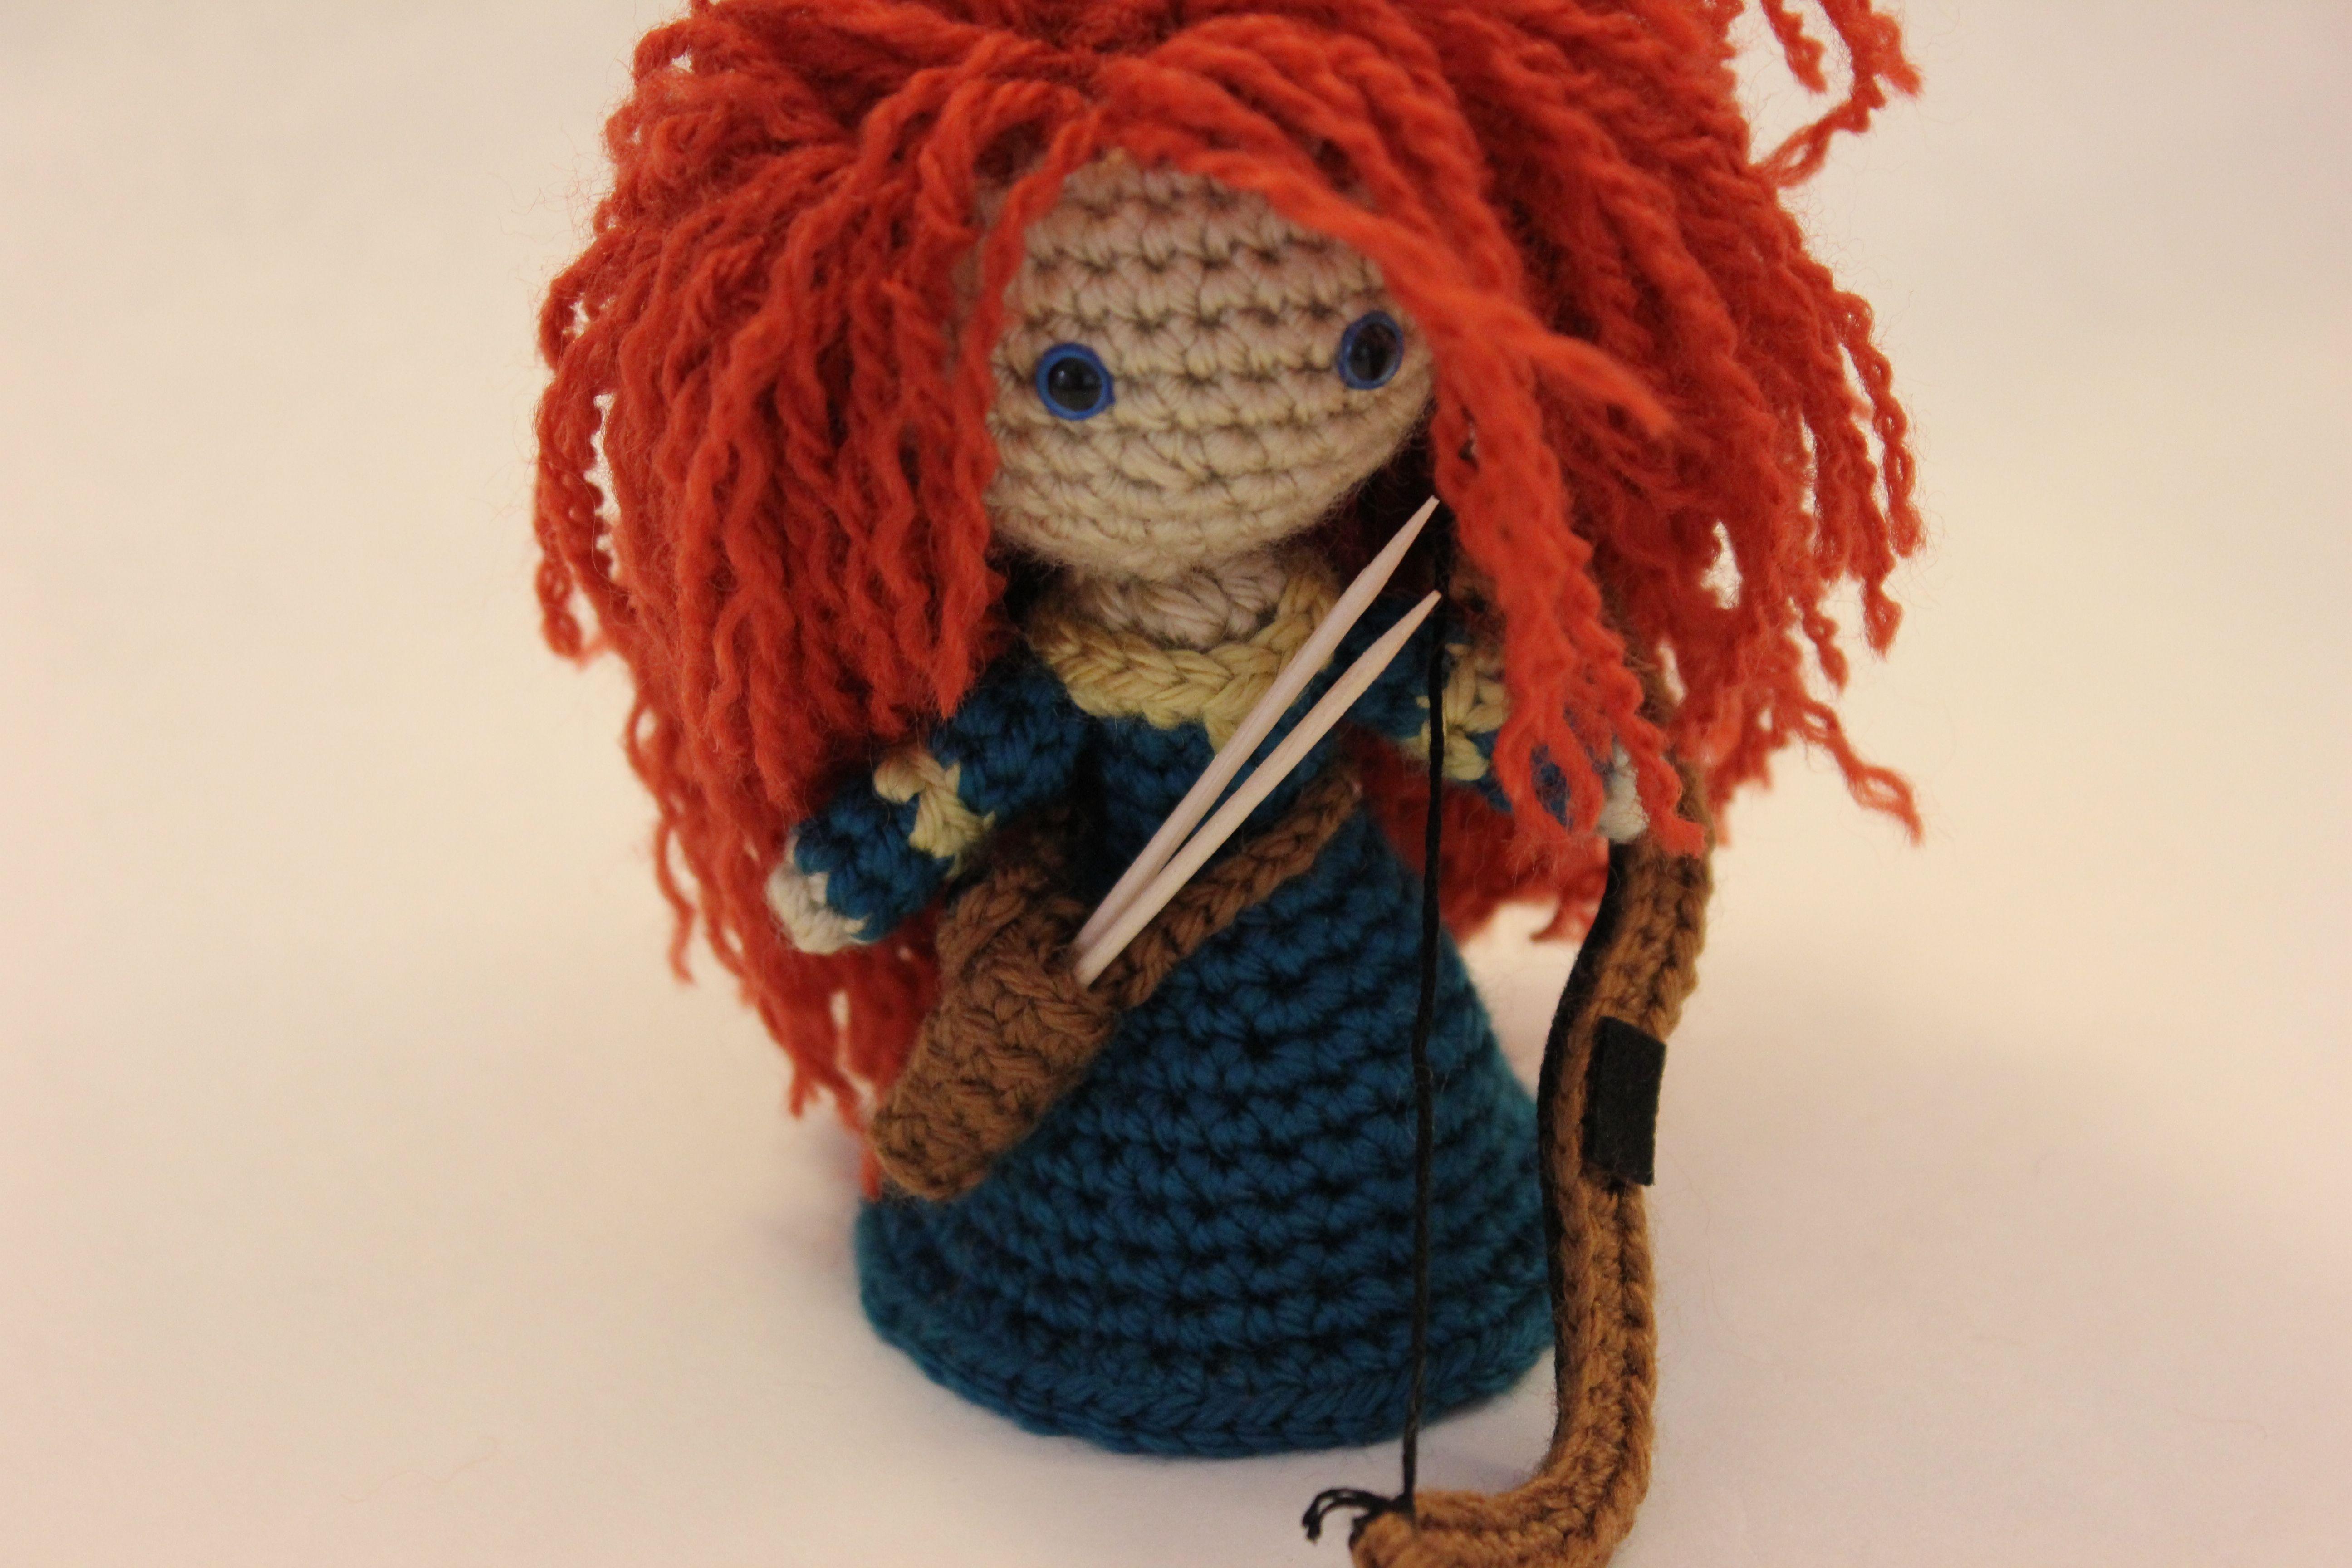 Designer Crochet Amigurumi Patterns Merida Warrior Princess : Merida In The Works Sahrit in Wonderland